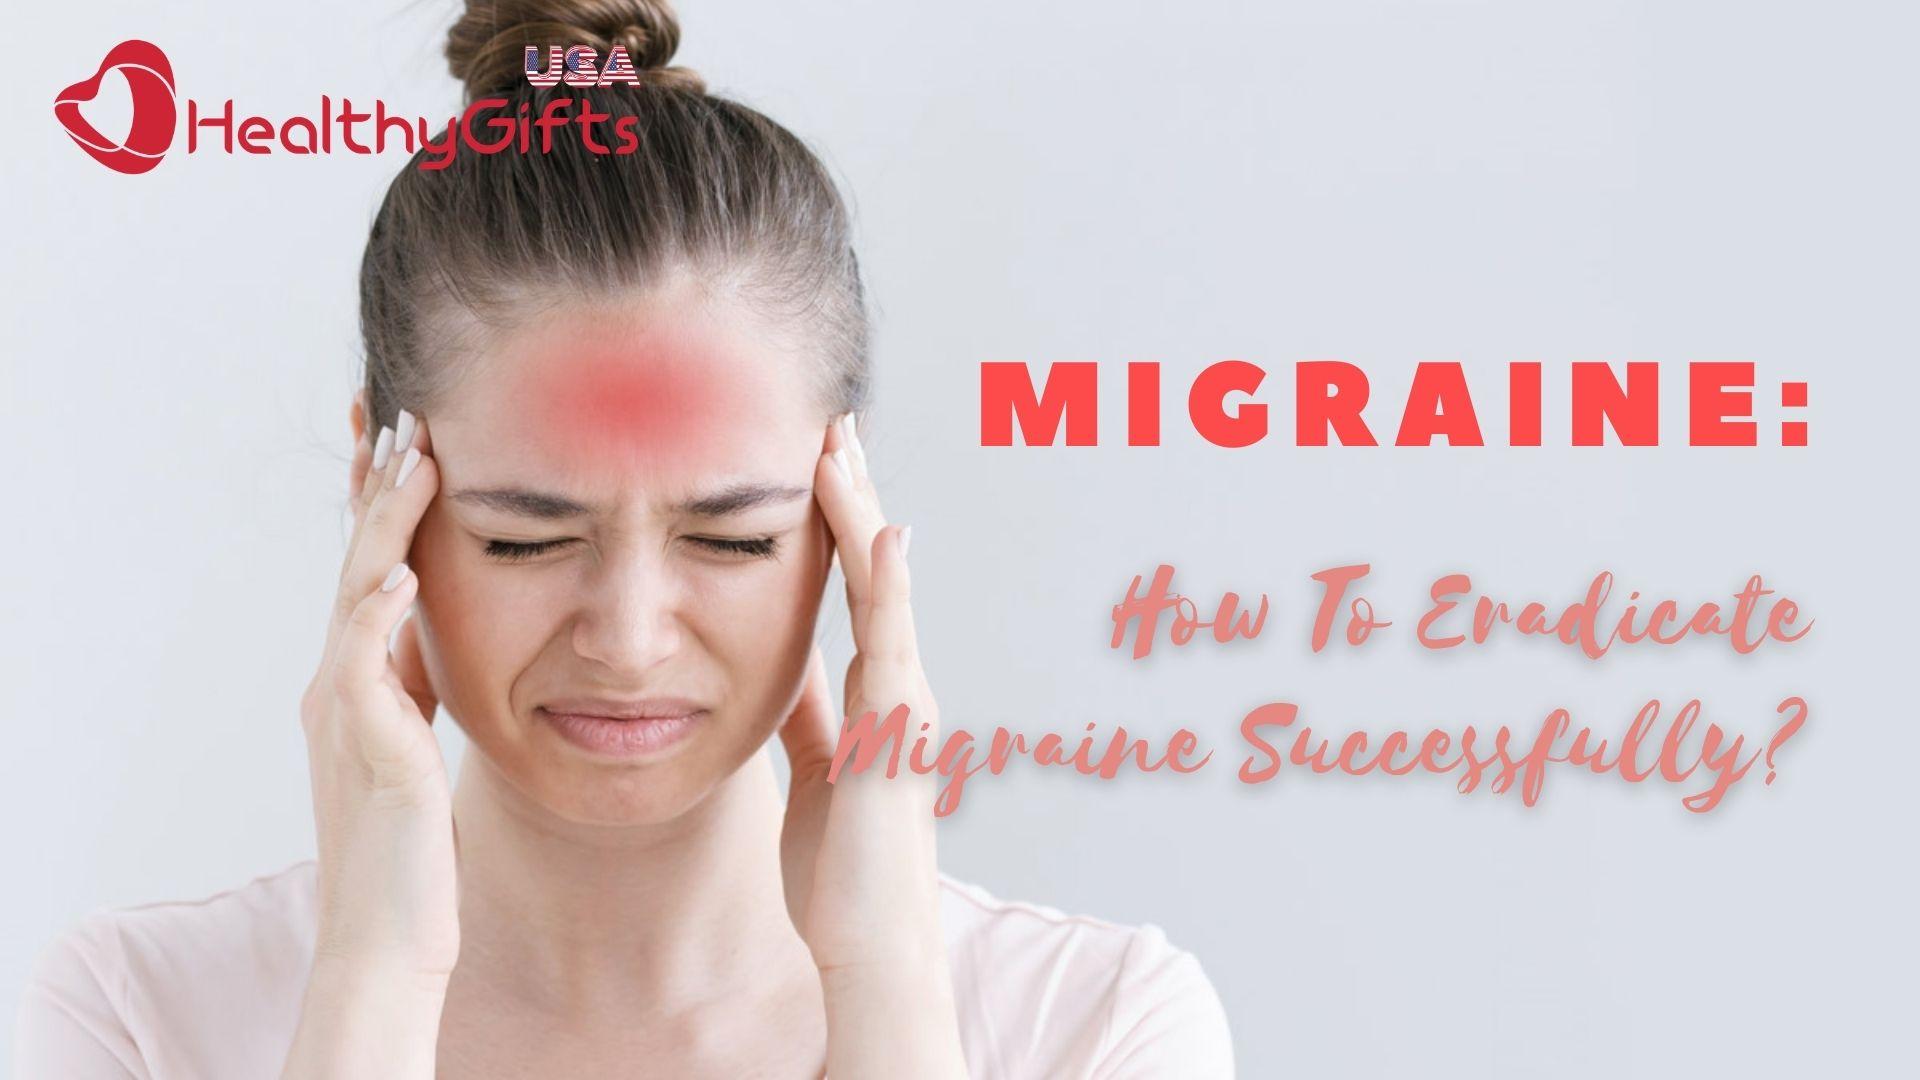 MIGRAINE HOW TO ERADICATE MIGRAINE SUCCESSFULLY